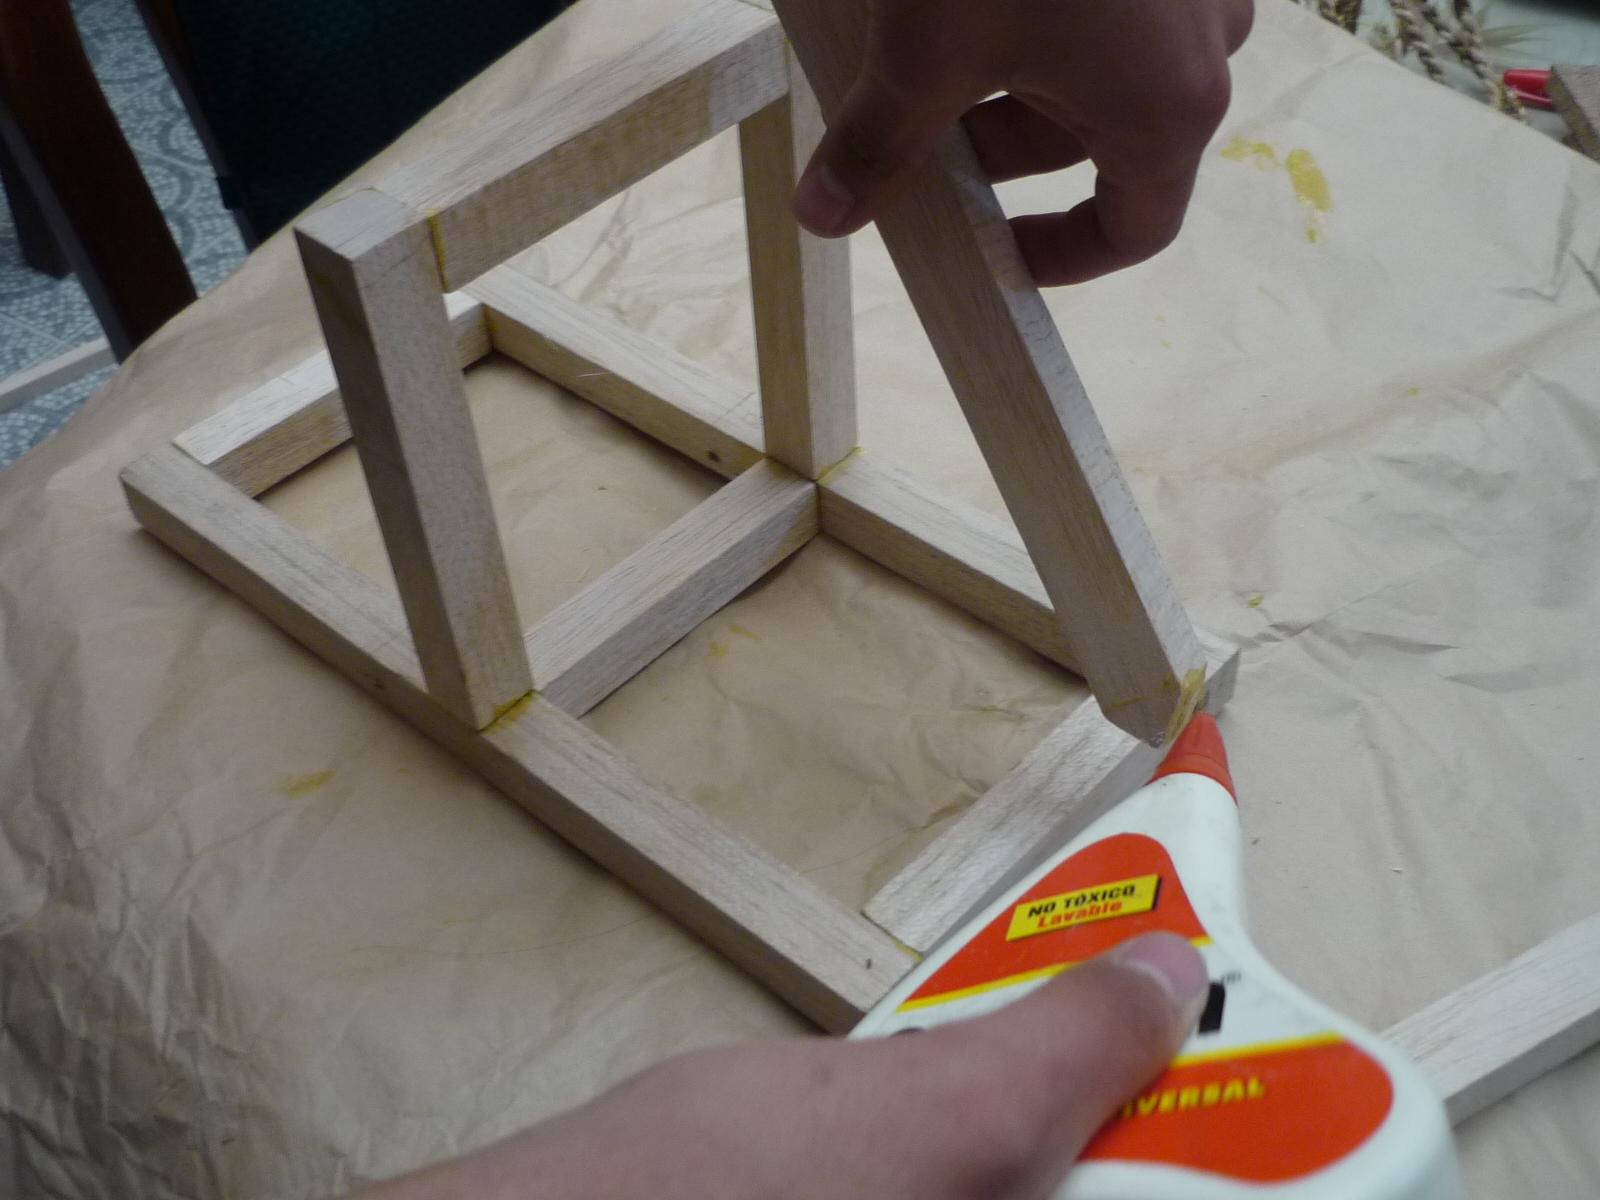 Como hacer una catapulta - Como hacer una mosquitera ...